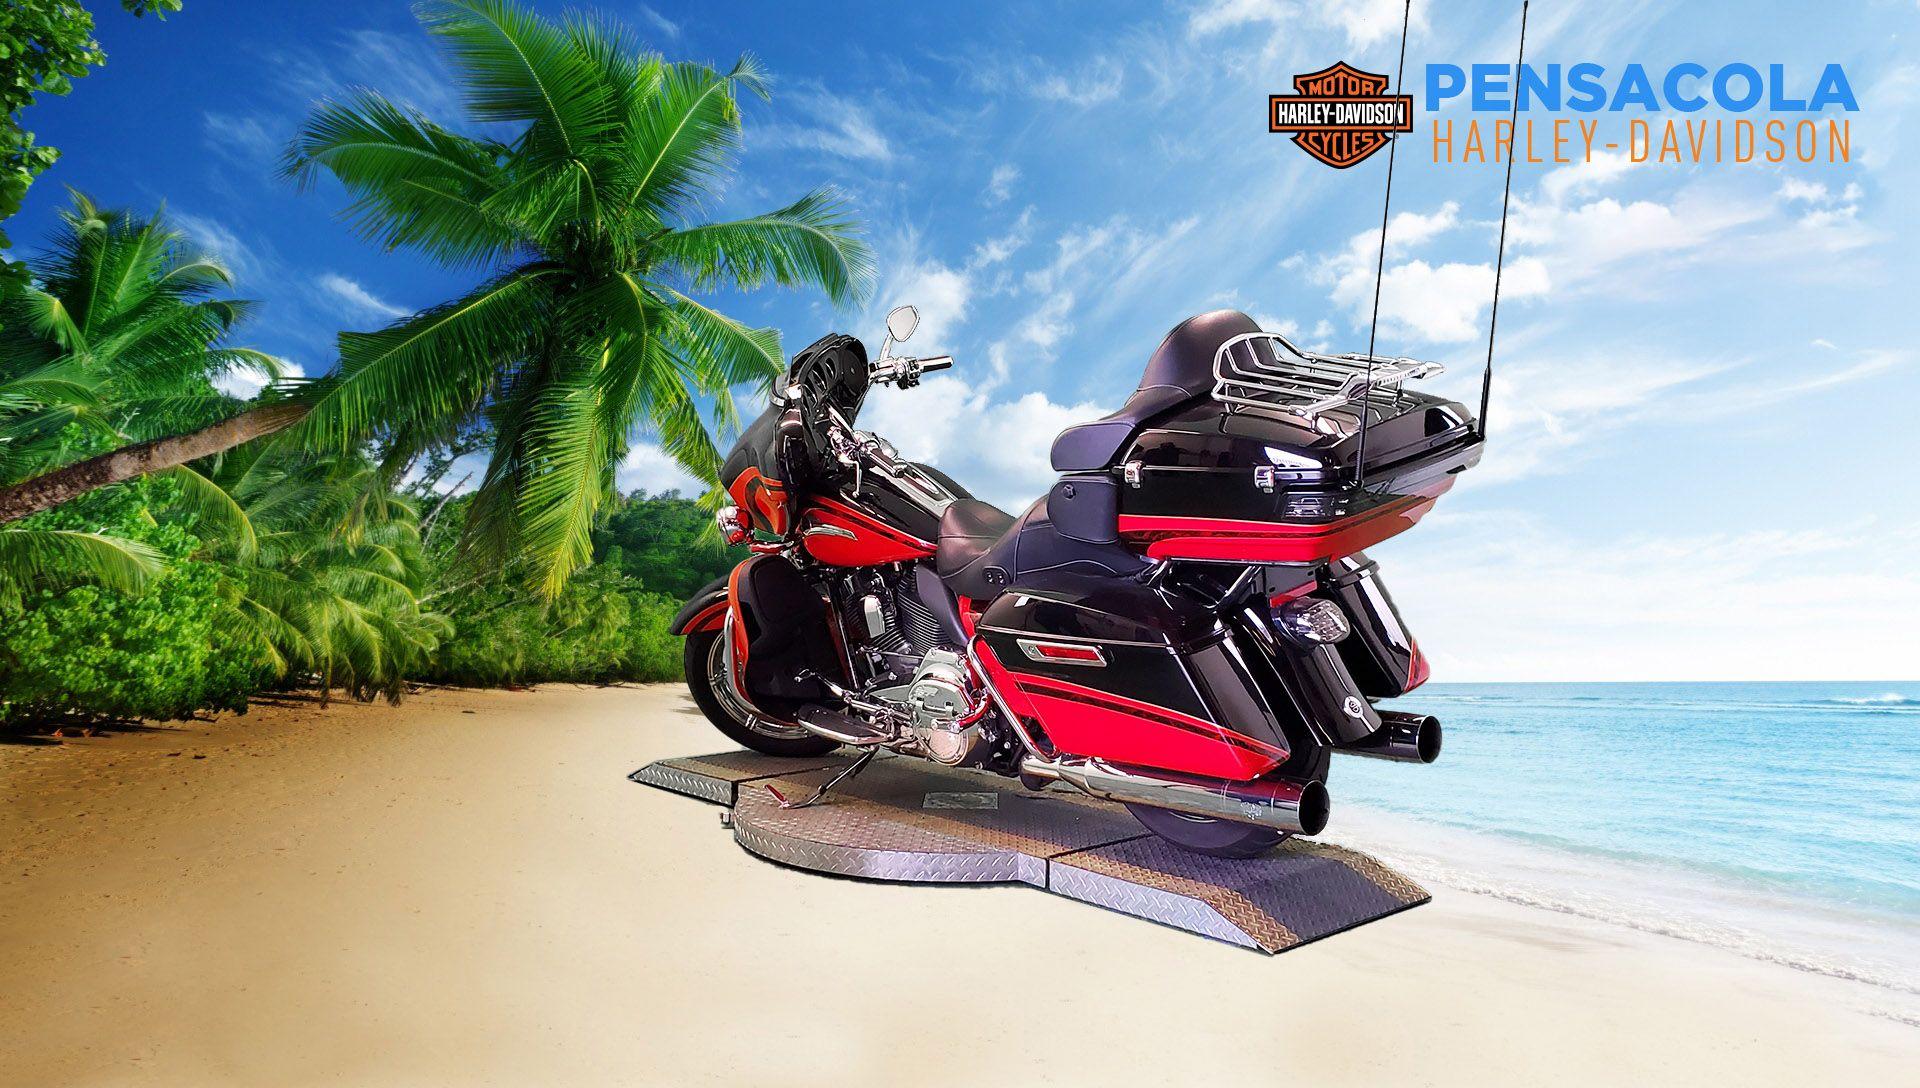 Pre-Owned 2016 Harley-Davidson CVO Limited FLHTKSE